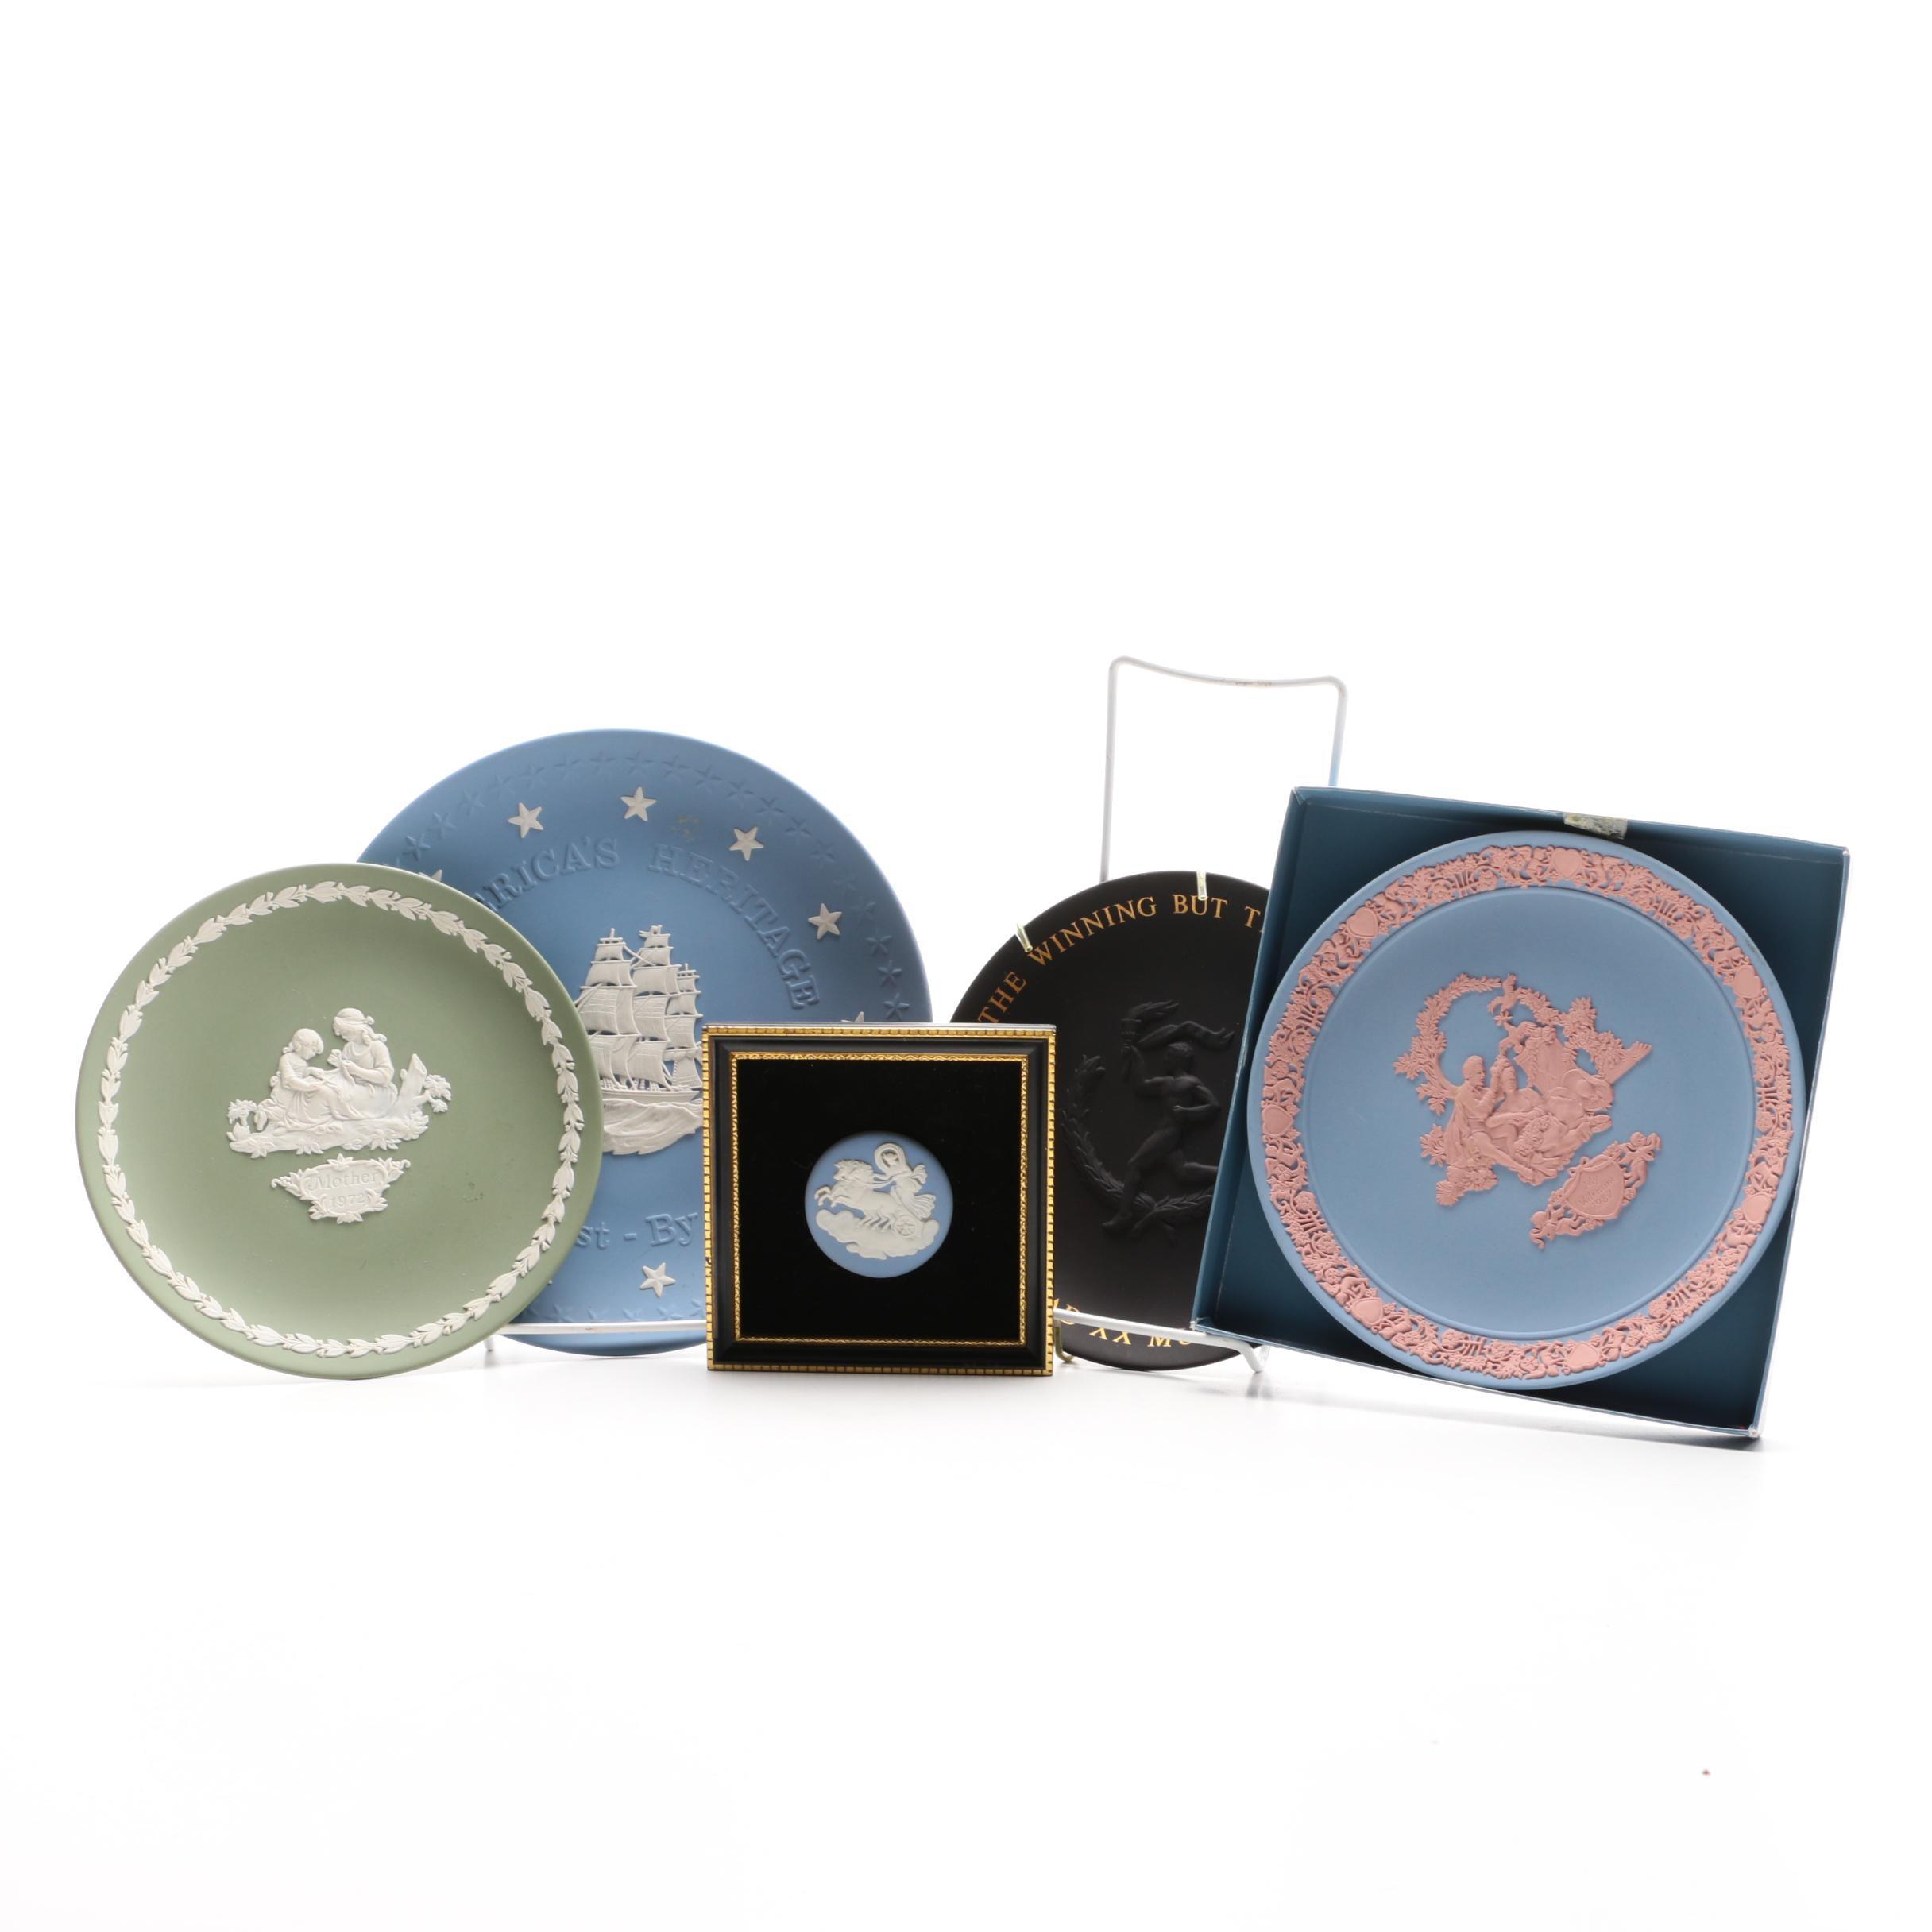 Wedgwood Decorative Plates